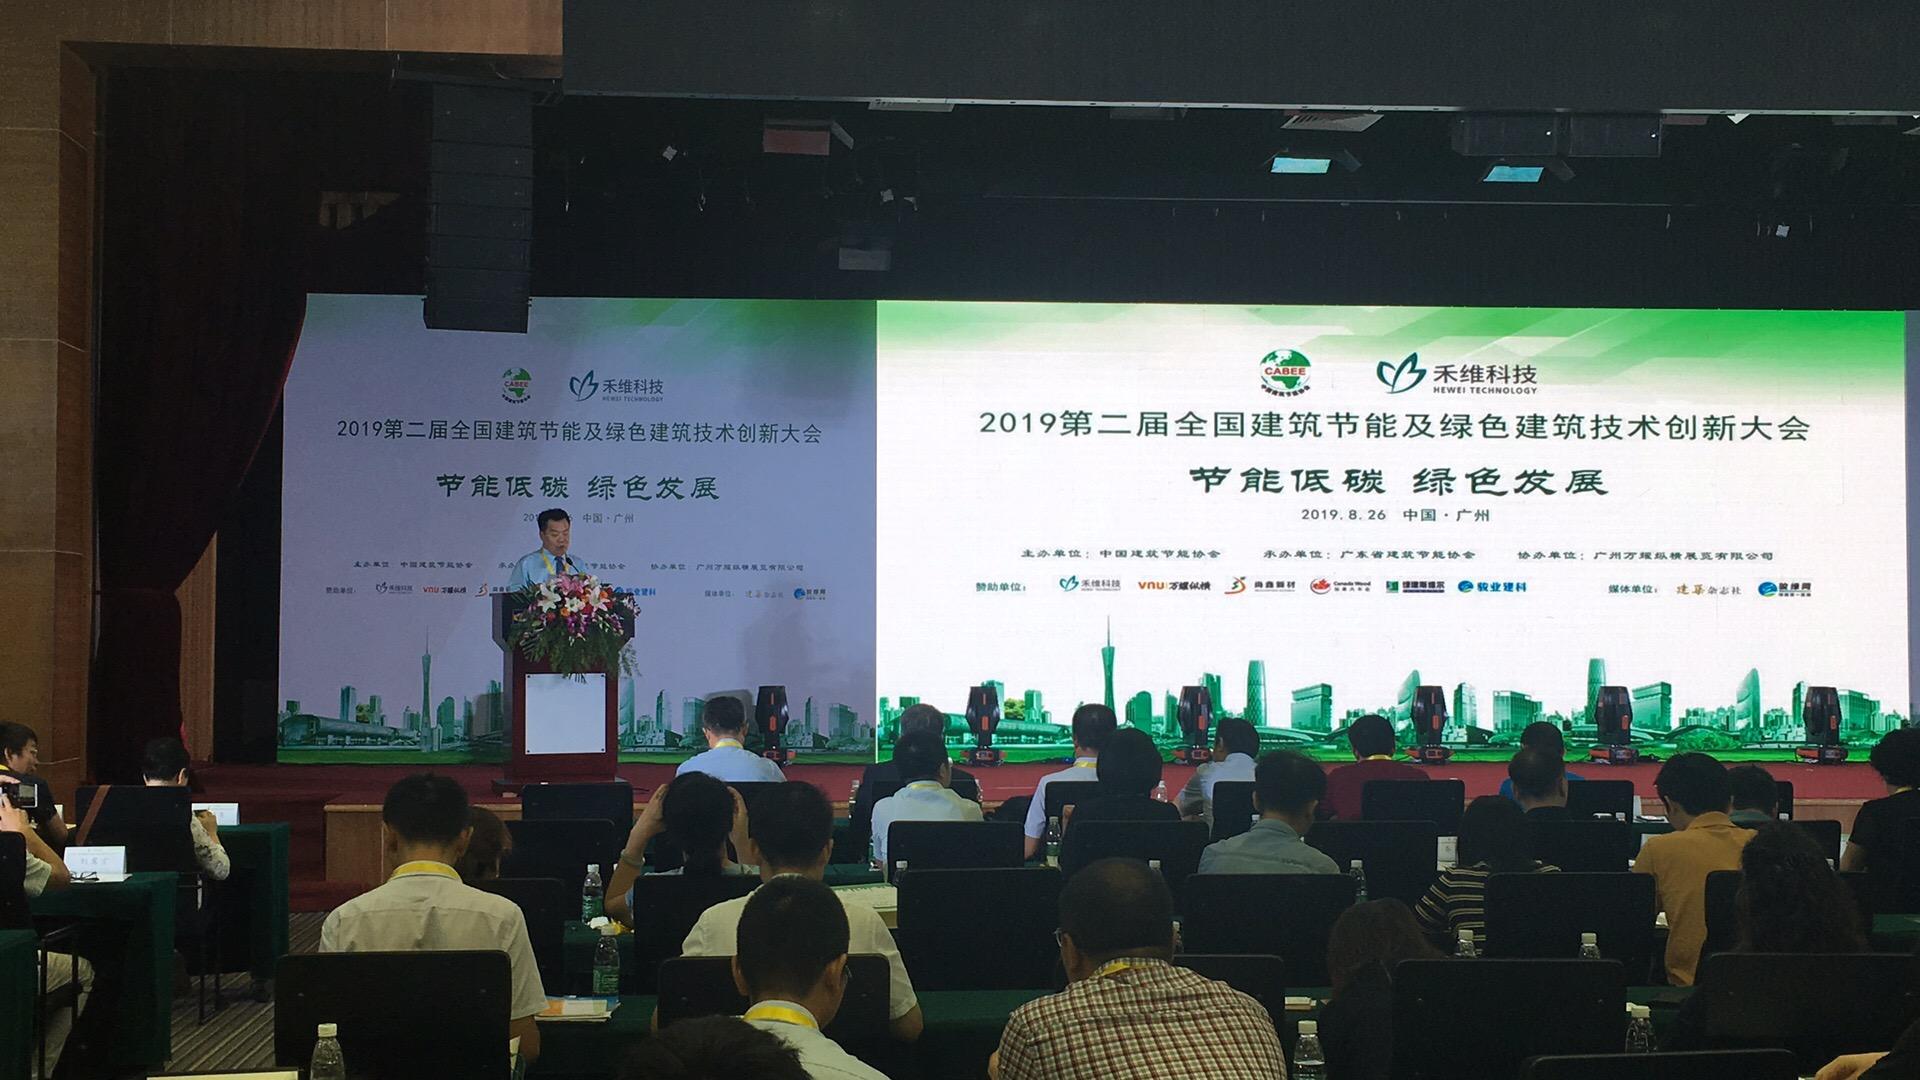 广州召开第二届全国建筑节能及绿色建筑技术创新大会